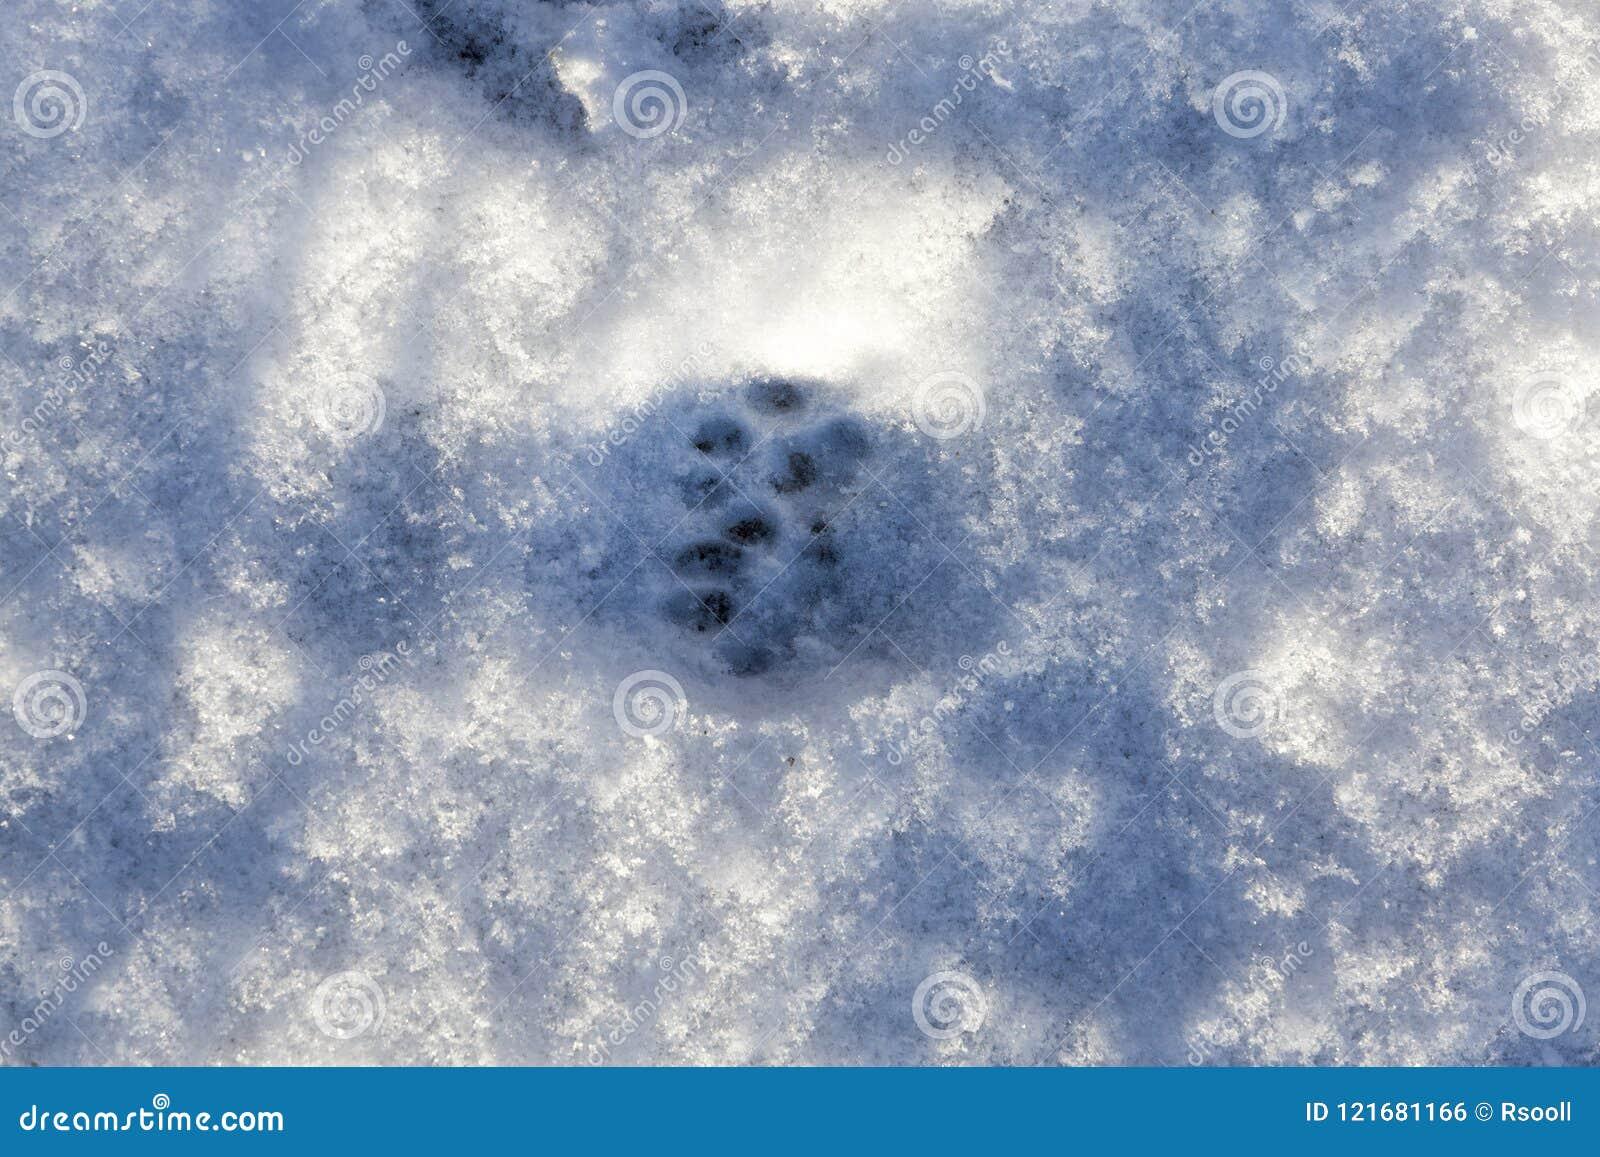 Sneeuw na sneeuwval